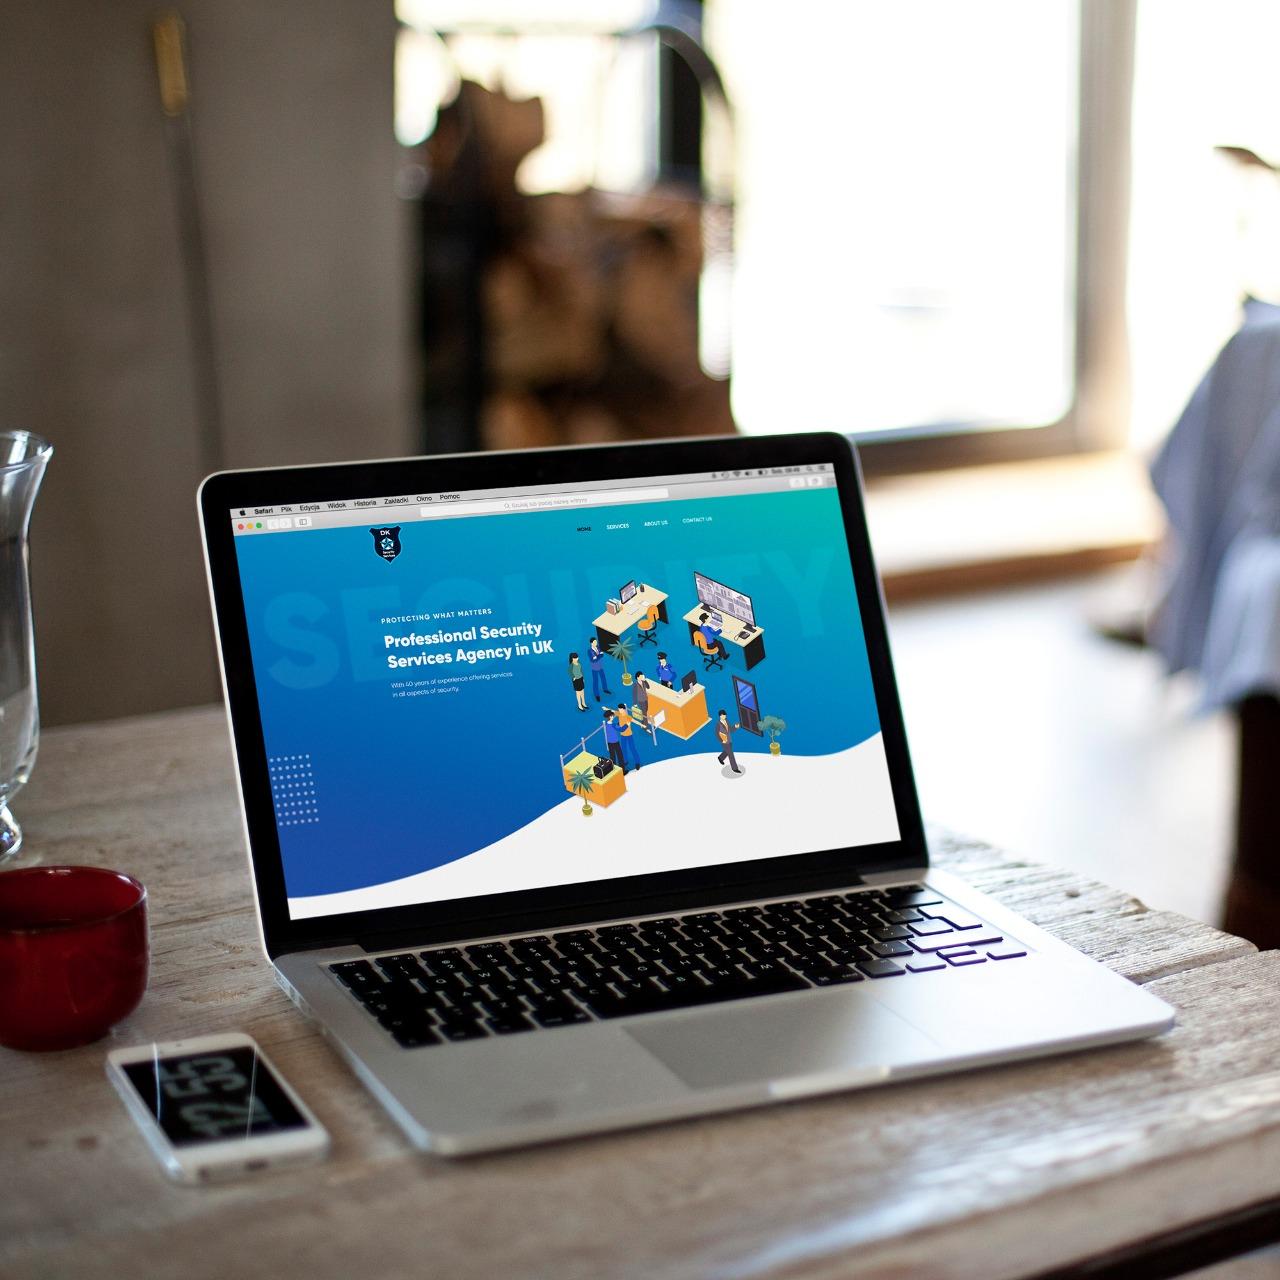 Website Design for DK Security in York, United Kingdom